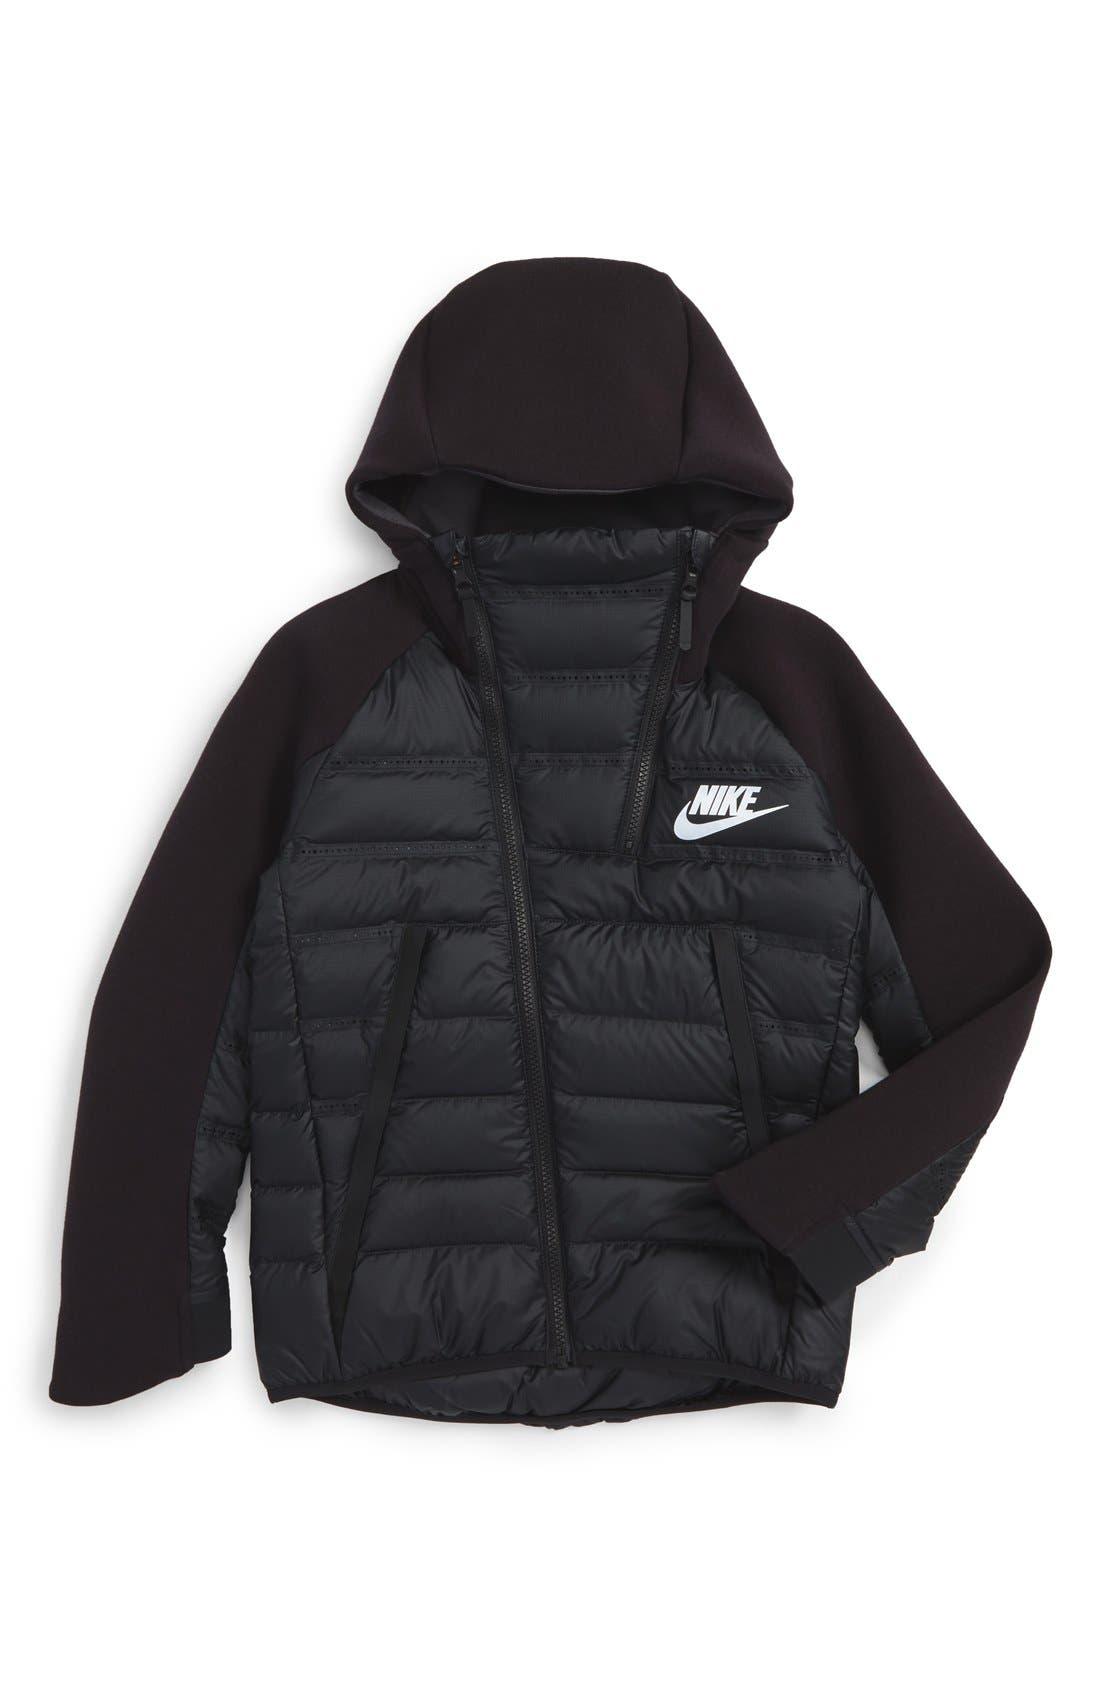 Sportswear Tech Fleece AeroLoft Jacket, Main, color, 010